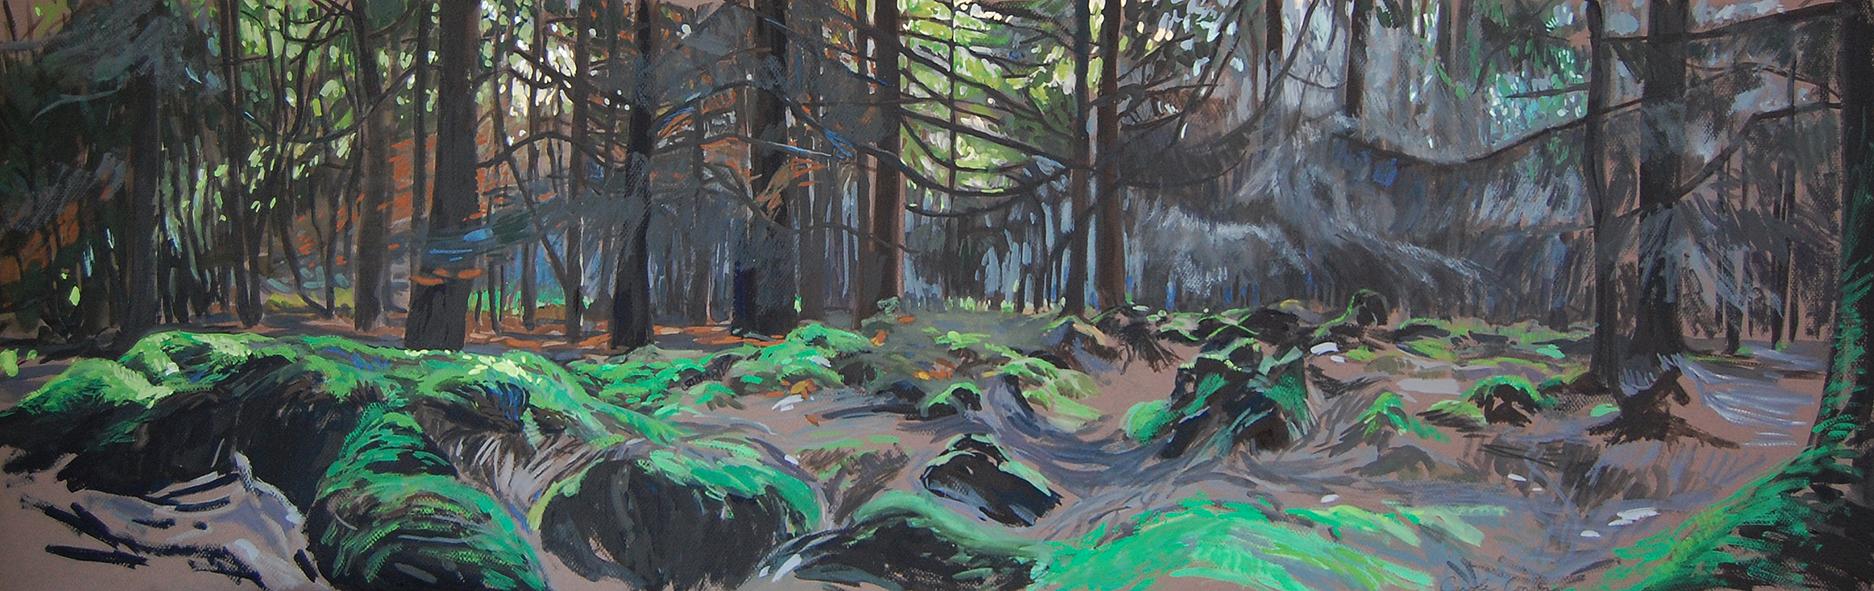 forêt du gars site